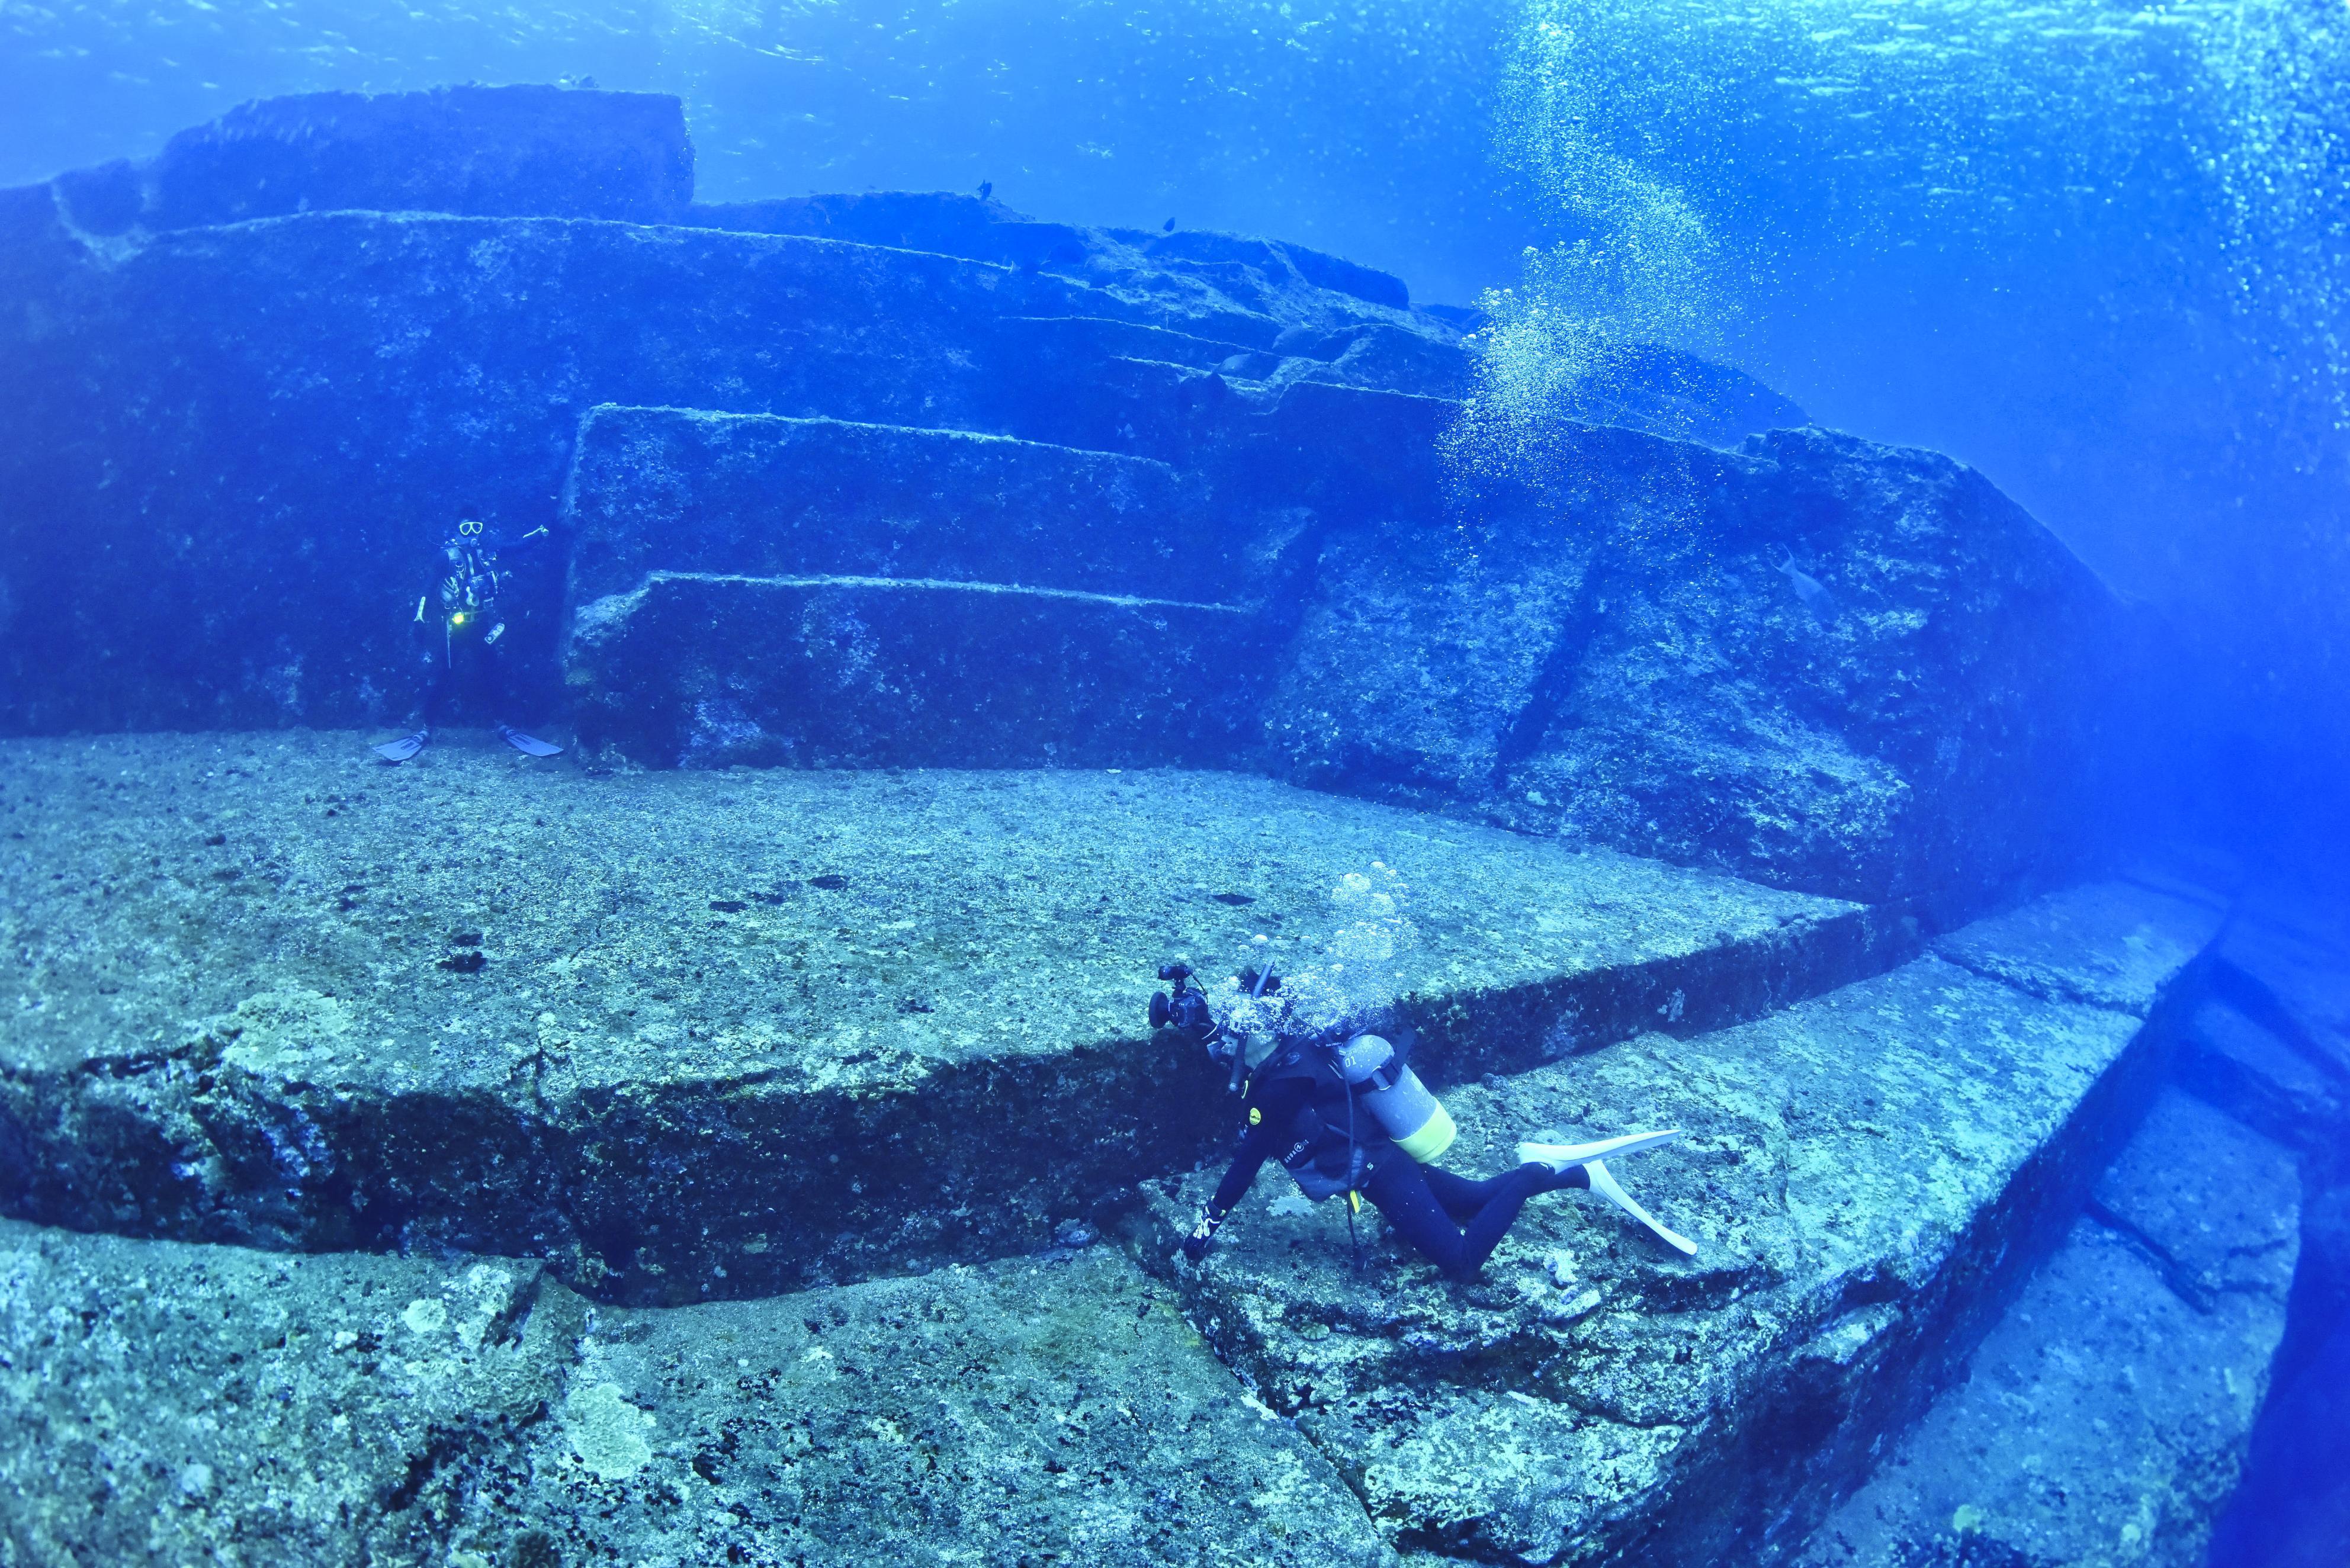 新嵩喜八郎が発見した「海底遺跡」。まるで古代の遺跡のように階段状の地形が瑠璃色の海に沈んでいる=沖縄県与那国町沖